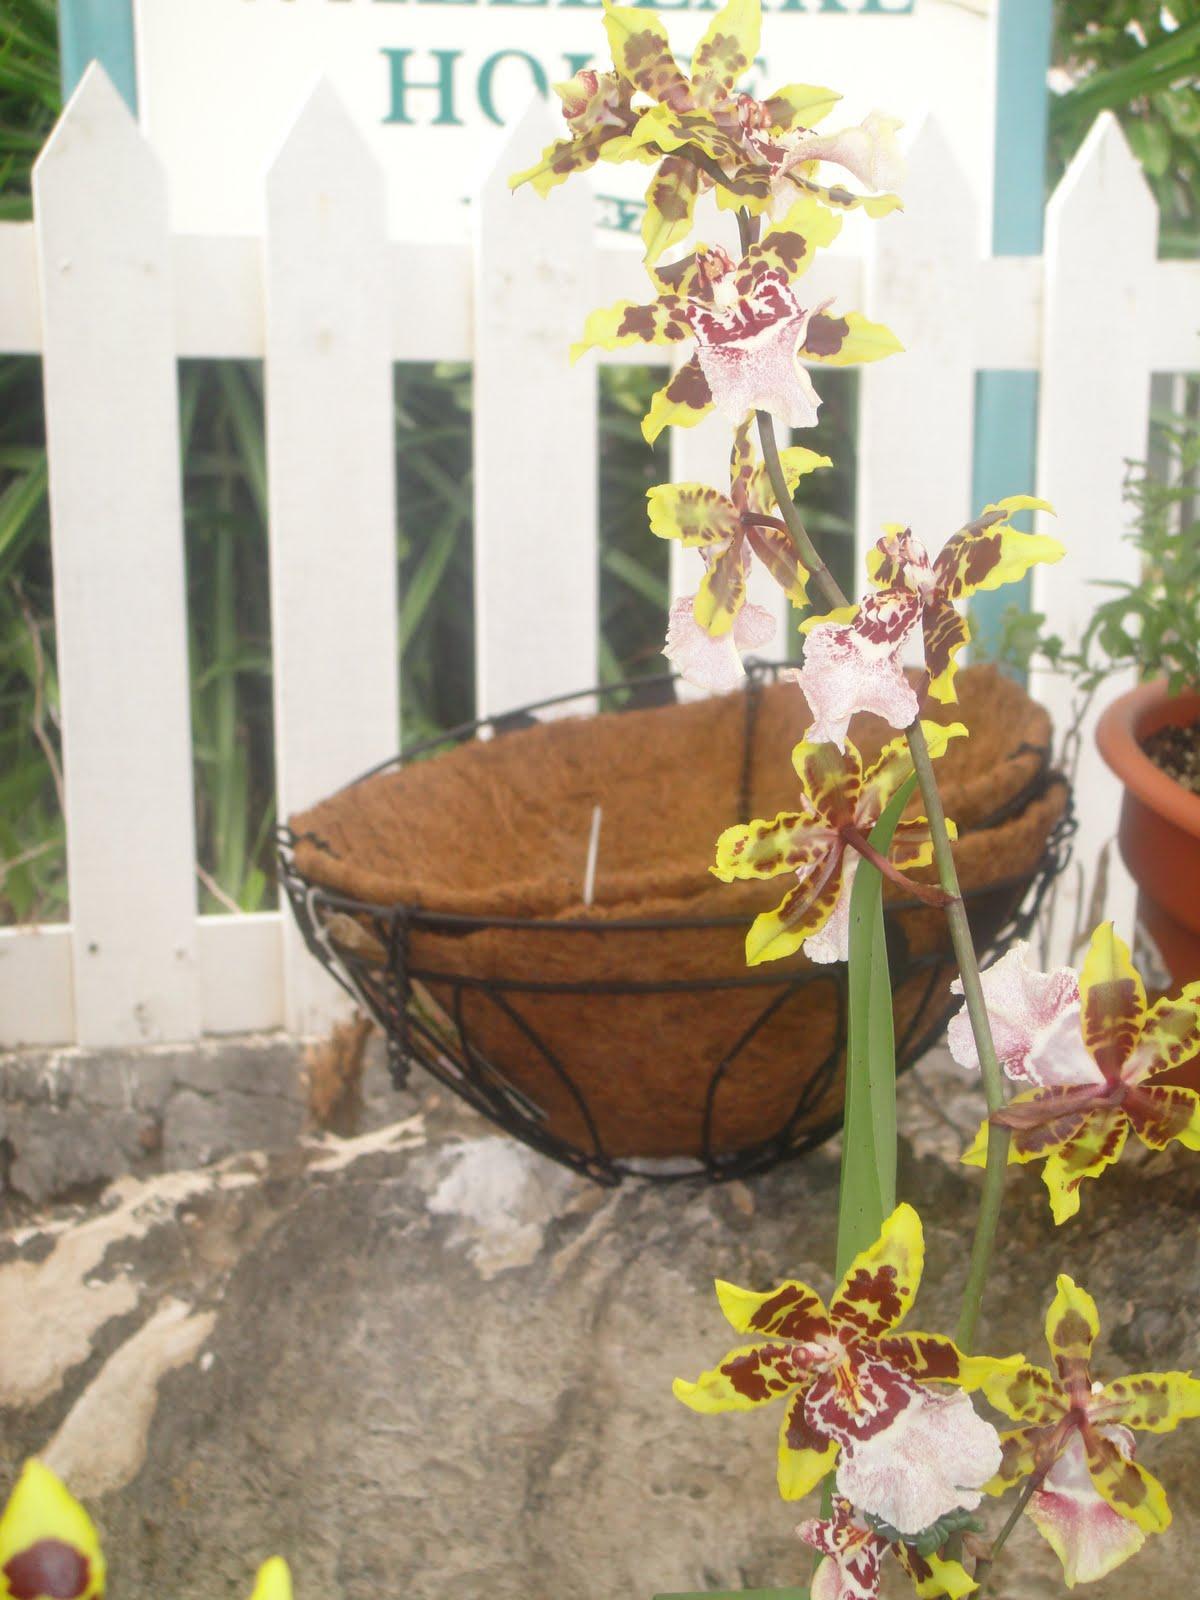 Garden Fair | A Caribbean Garden